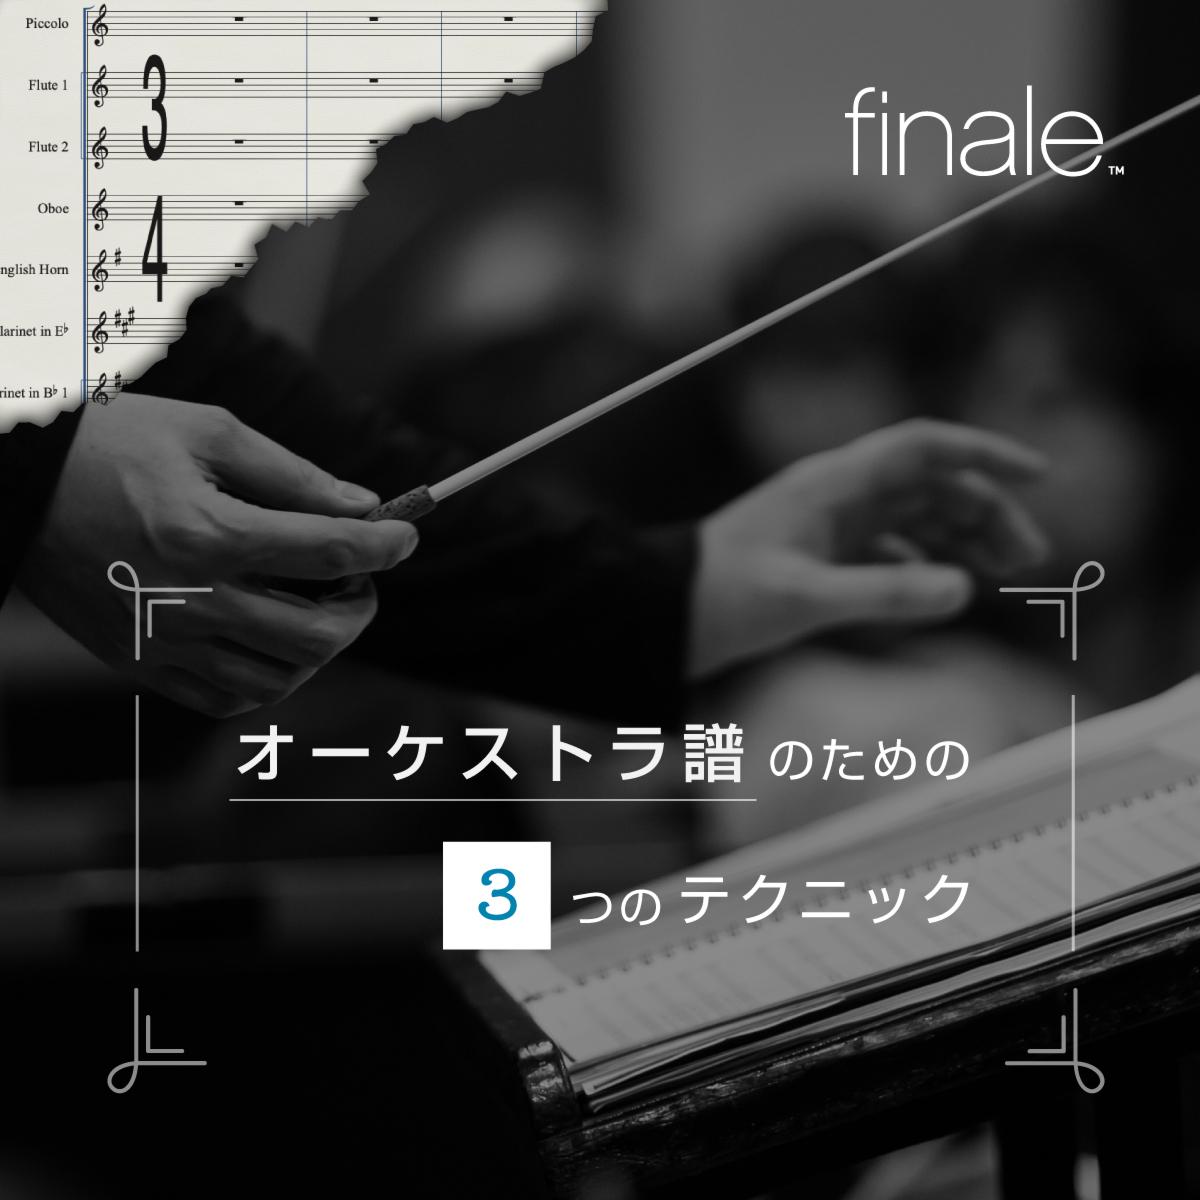 オーケストラ譜づくりで役立つ3つのFinaleテクニック